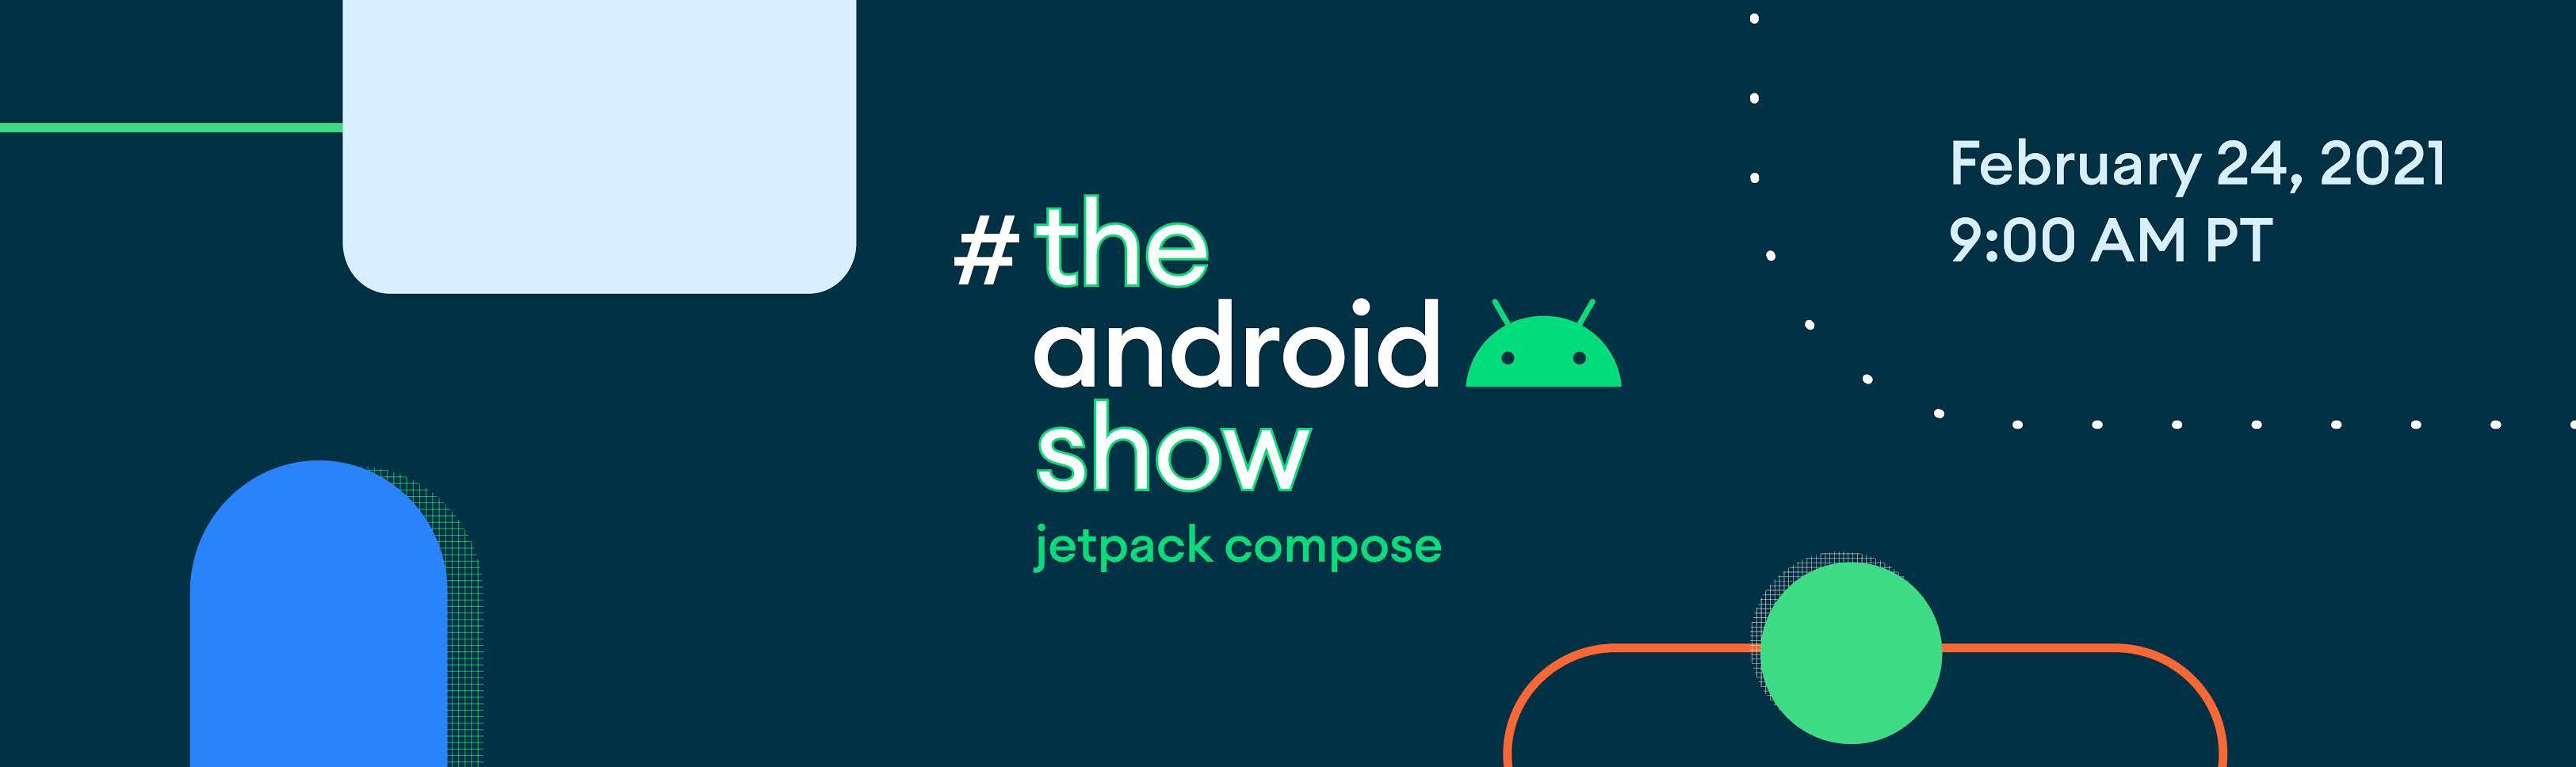 The Android Show: Jetpack Compose, 24 de fevereiro, às 9h (horário do Pacífico)